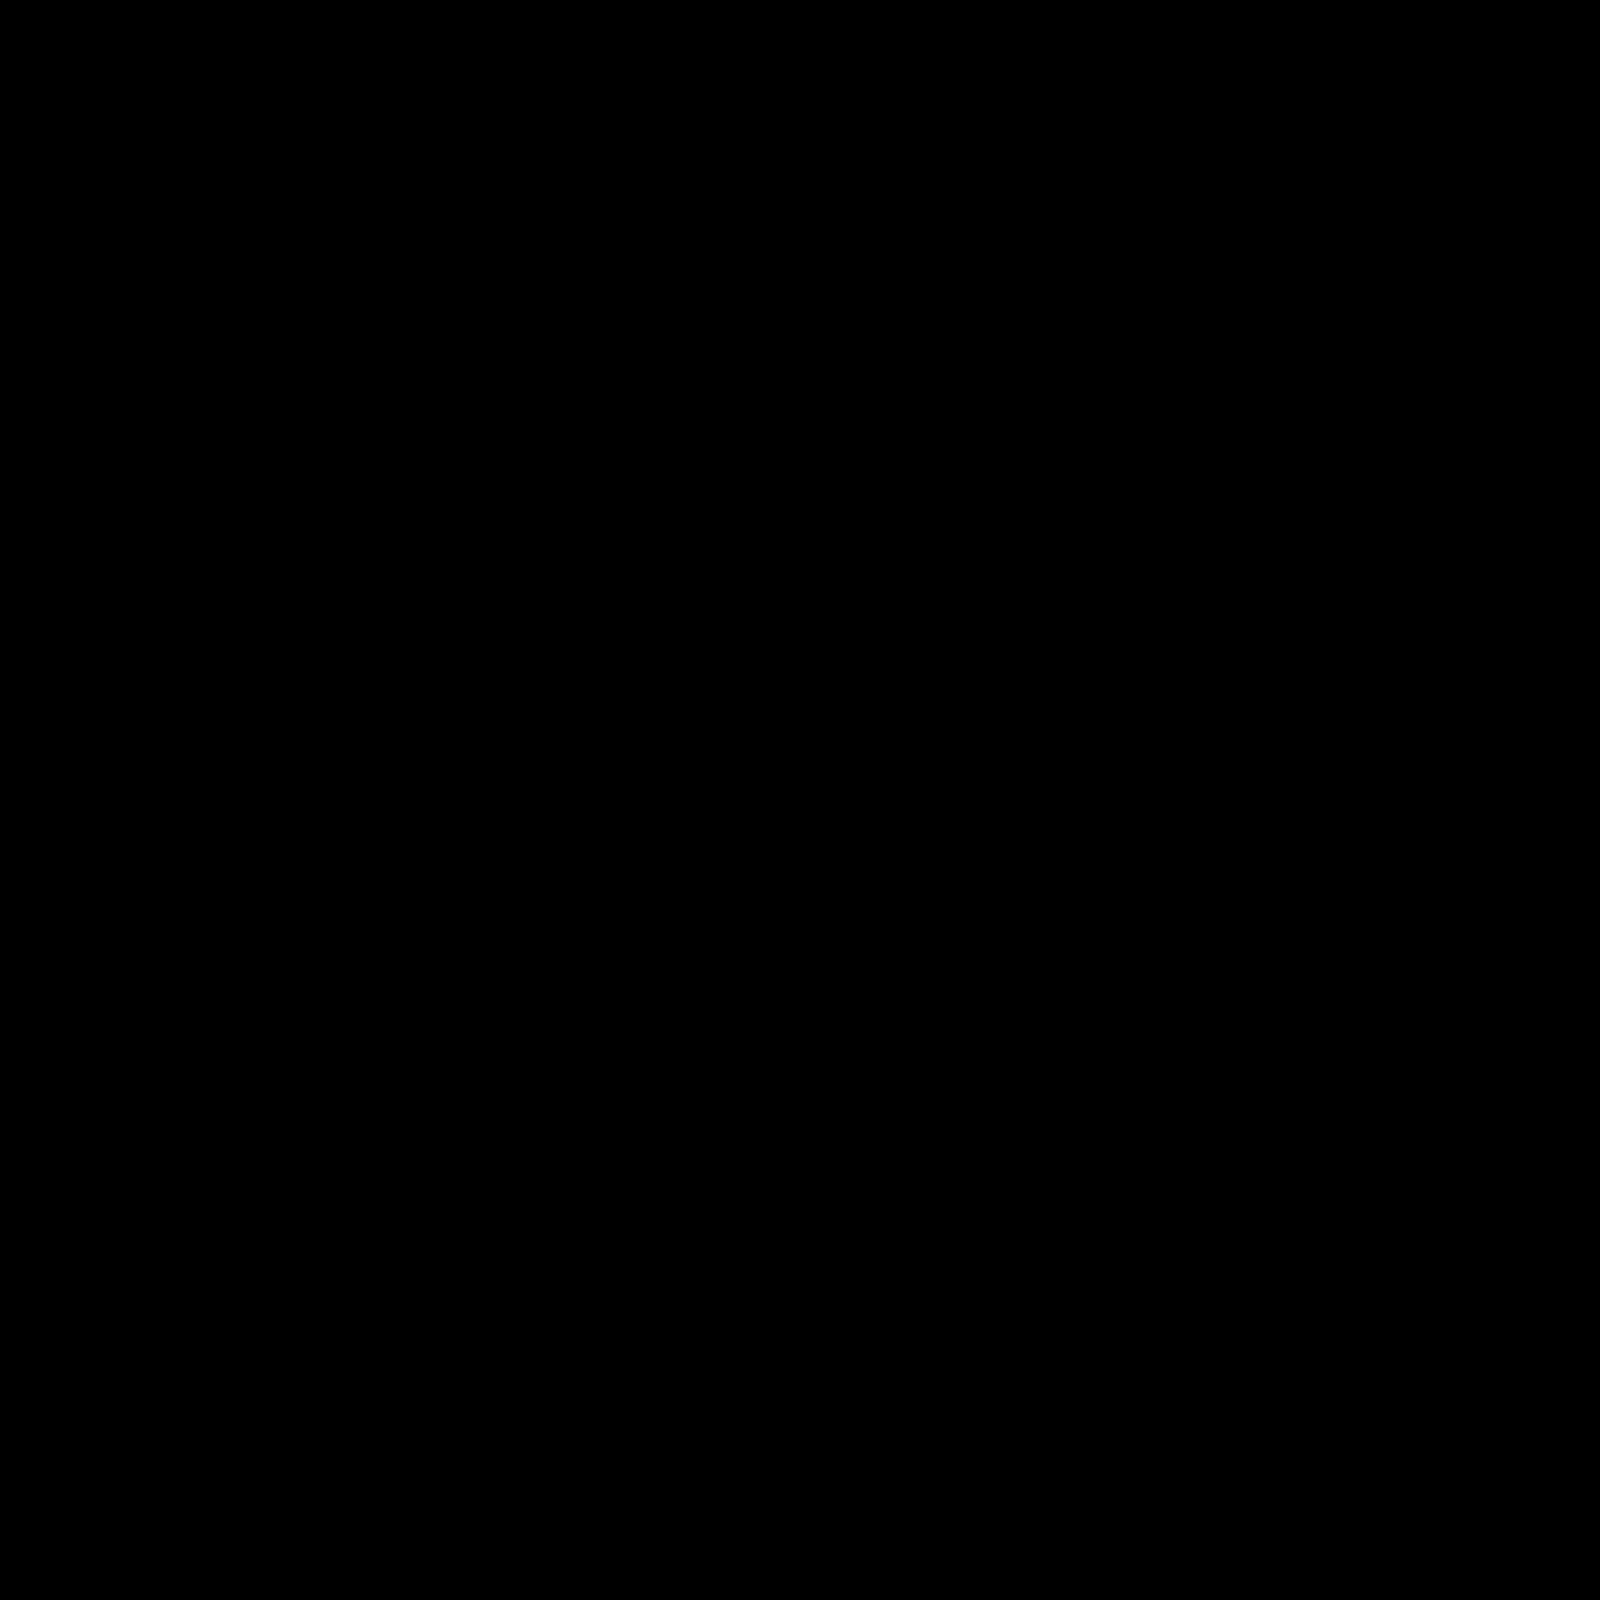 1600x1600 Copyright Icon